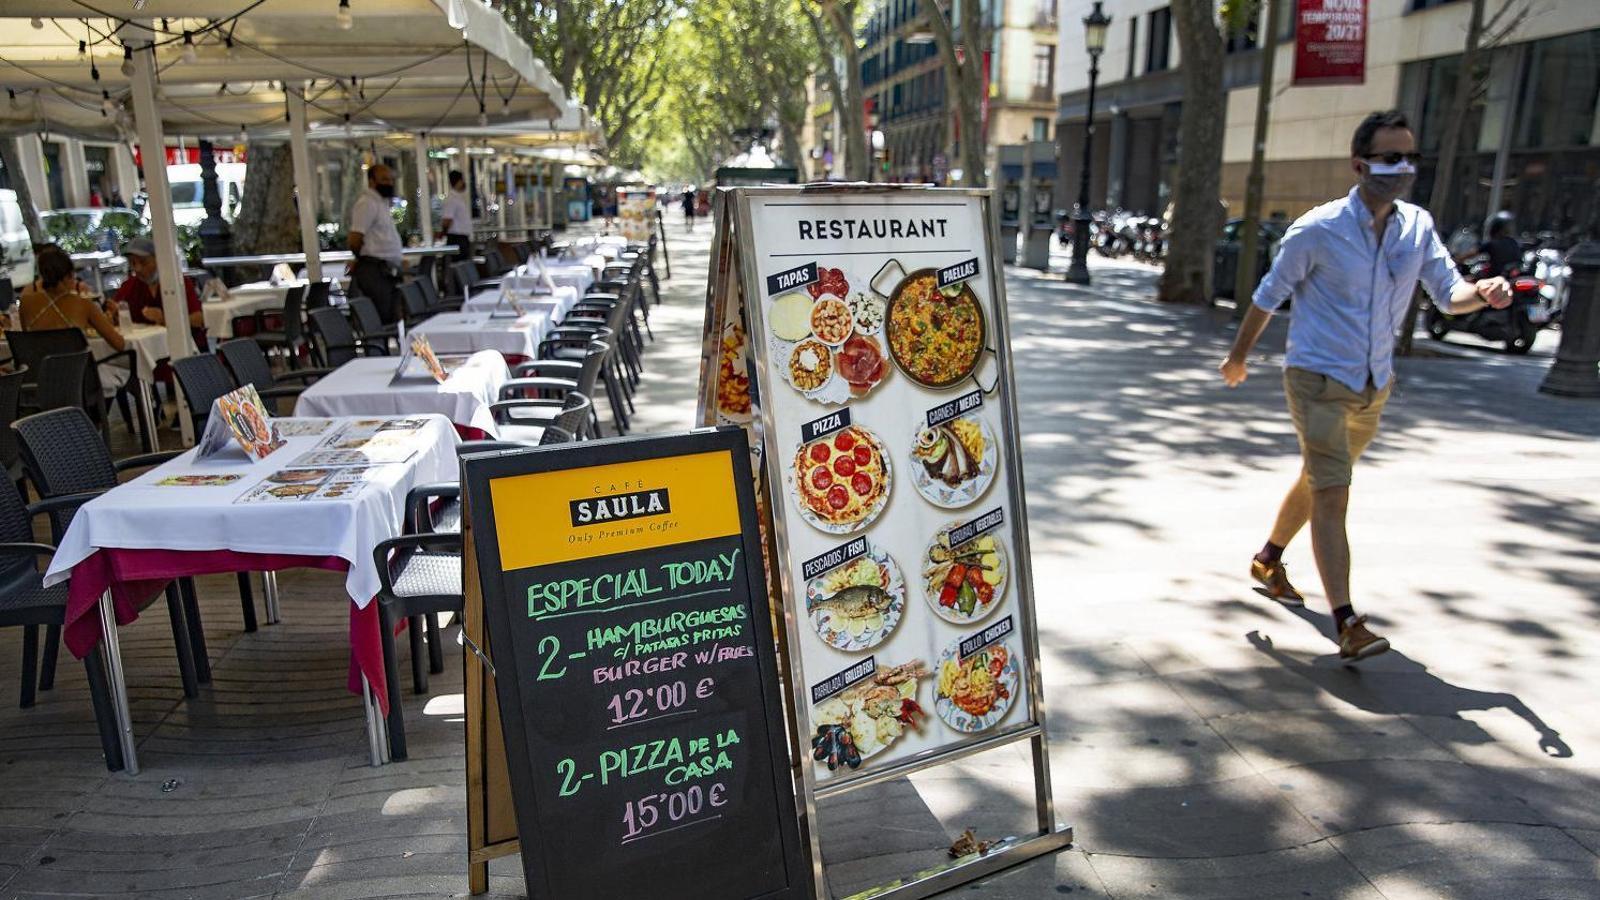 Terrasses pràcticament buides un migdia a la Rambla de Barcelona, malgrat les ofertes i la presència dels cambrers esperant per oferir el menú.